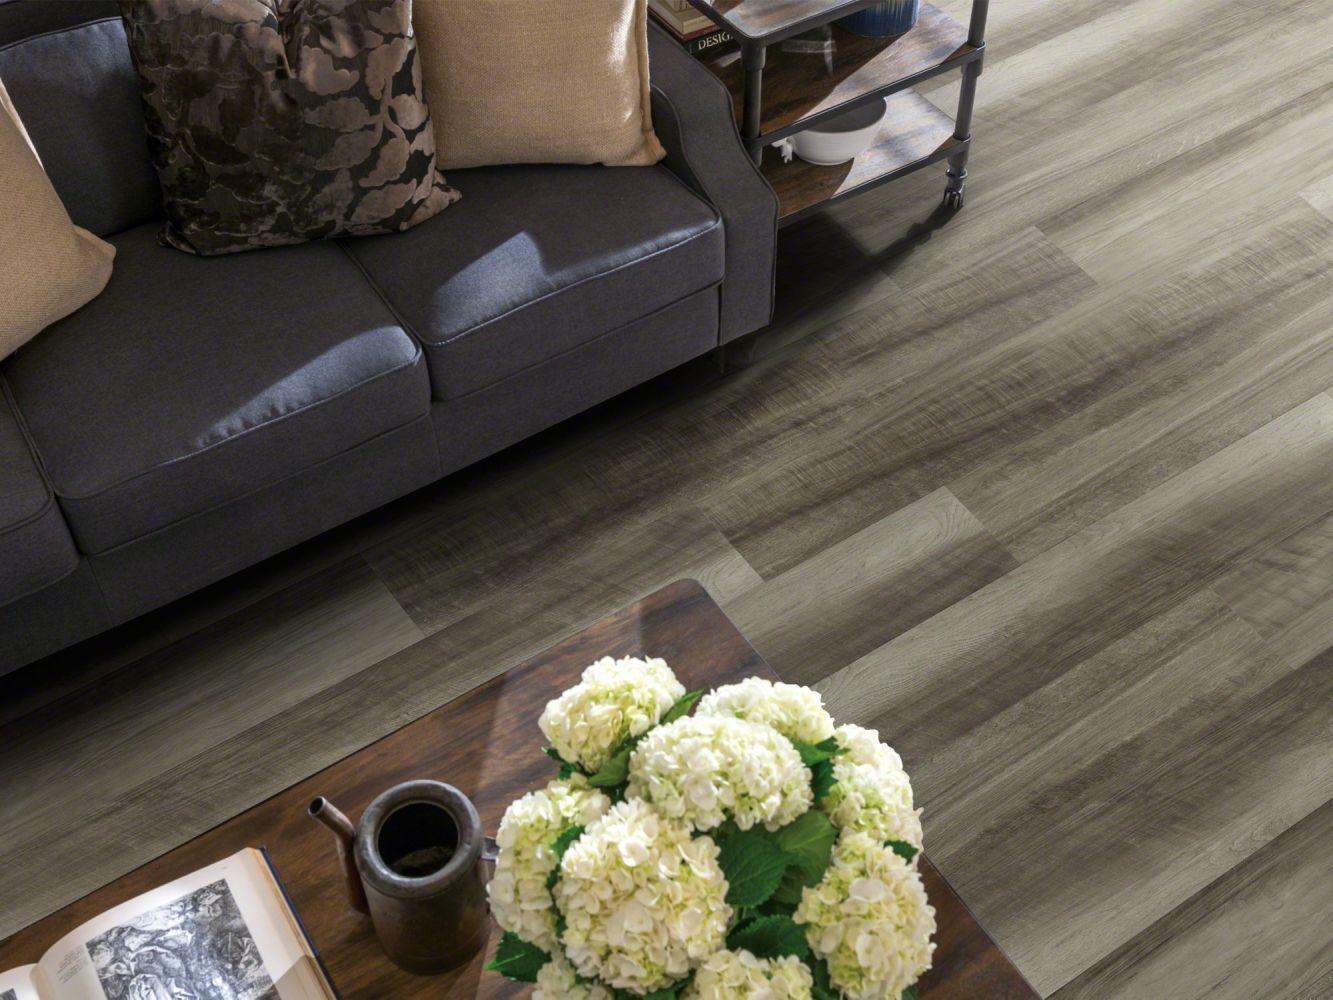 Shaw Floors Resilient Residential Endura 512g Plus Oyster Oak 00591_0802V